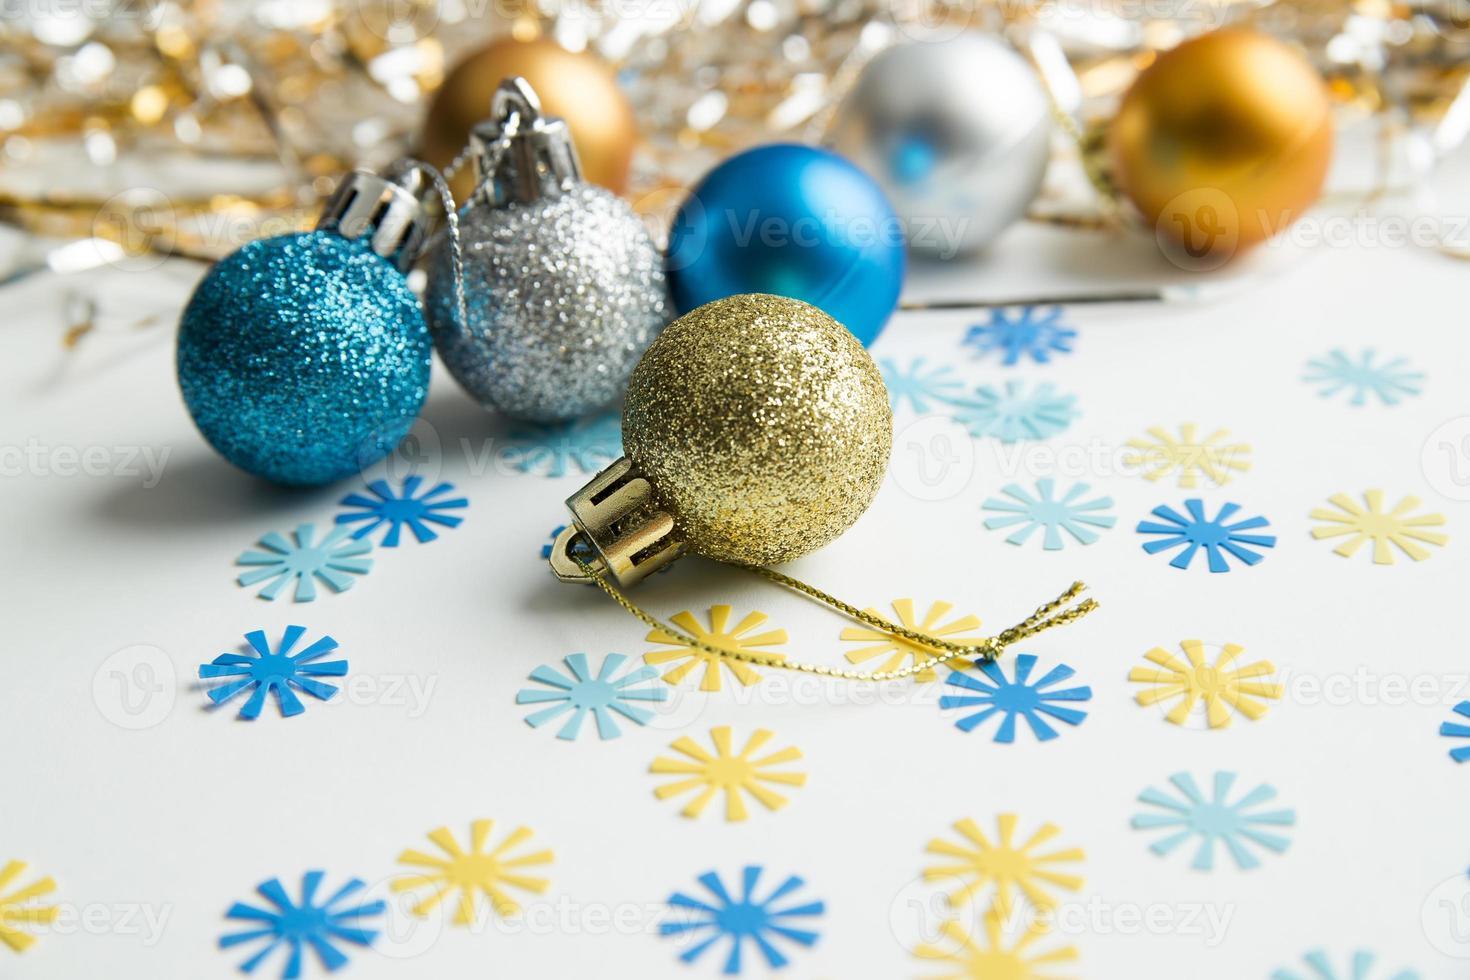 Weihnachtskugeln auf einem weißen Hintergrund foto